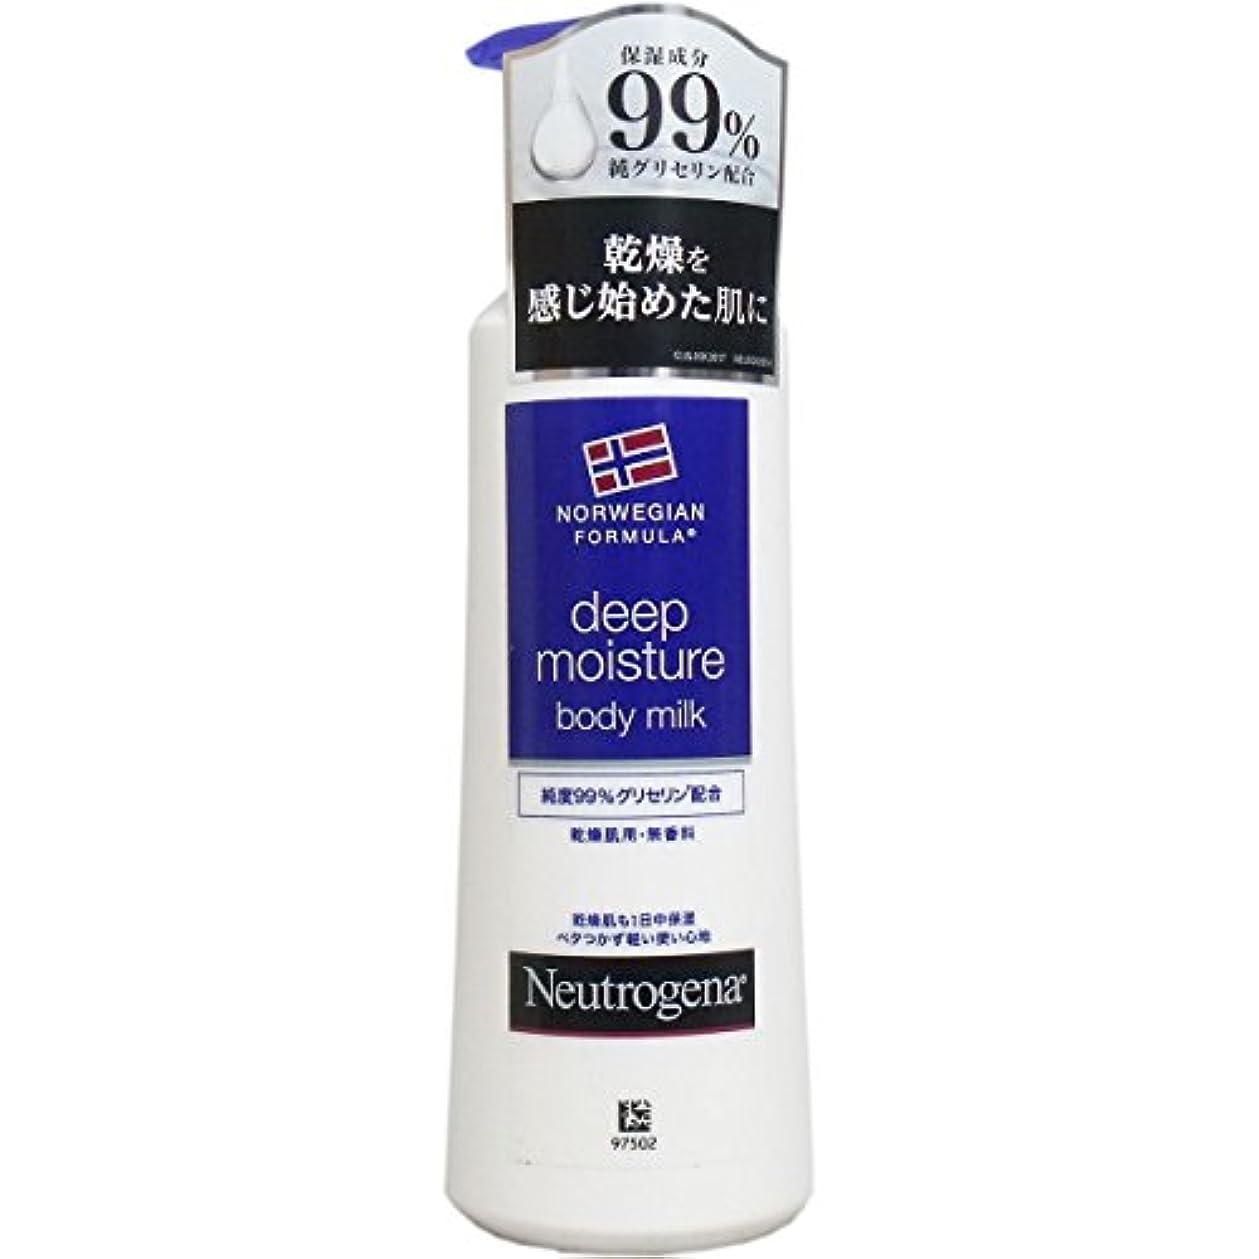 胸良性成熟した【まとめ買い】Neutrogena(ニュートロジーナ) ノルウェーフォーミュラ ディープモイスチャー ボディミルク 乾燥肌用 無香料 250ml×4個